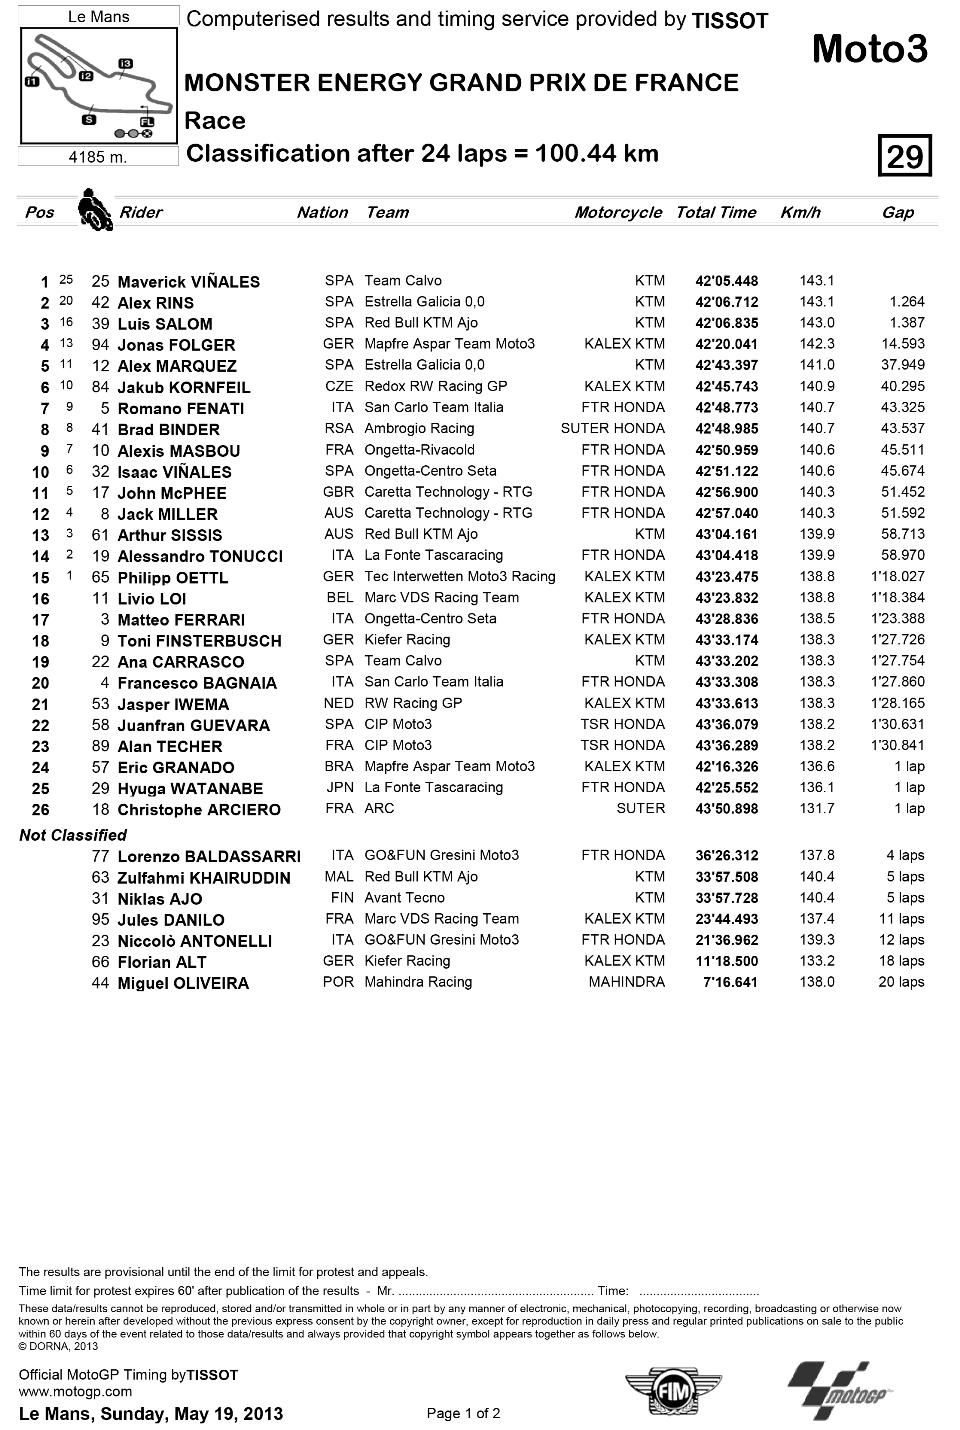 Представляем результаты гонки Moto3 Гран-При Франции 2013: